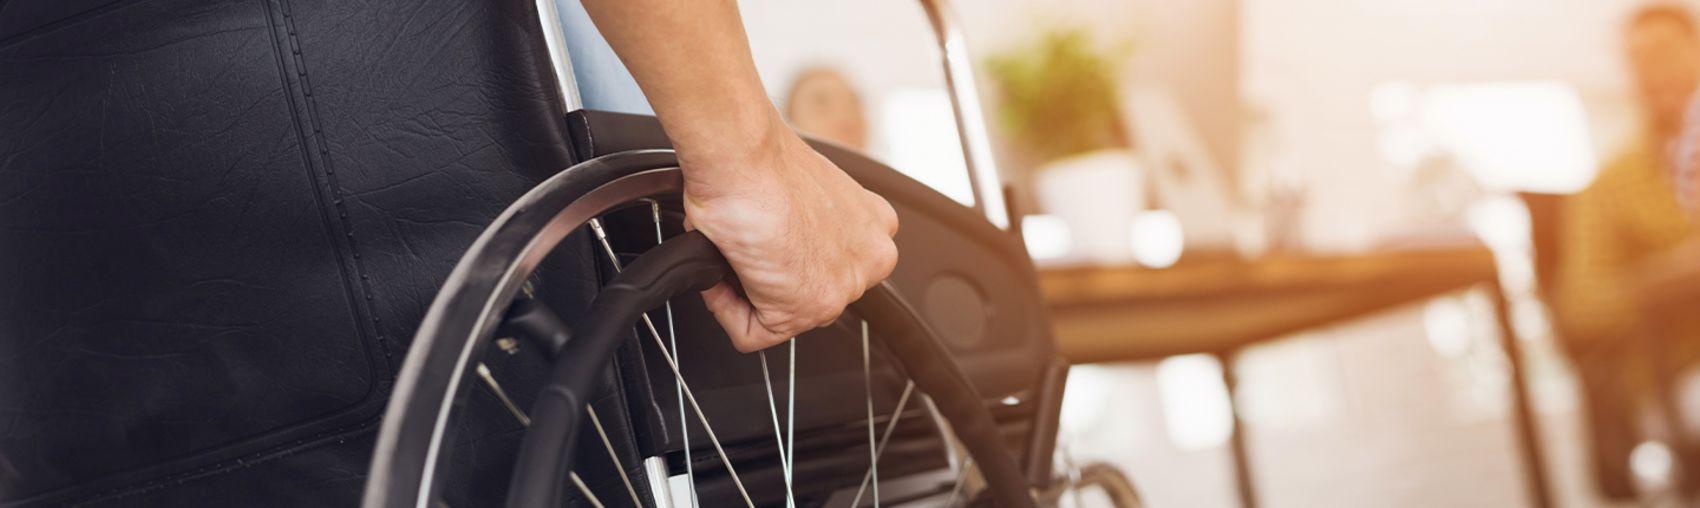 En mann i rullestol har hånden sin på det ene hjulet